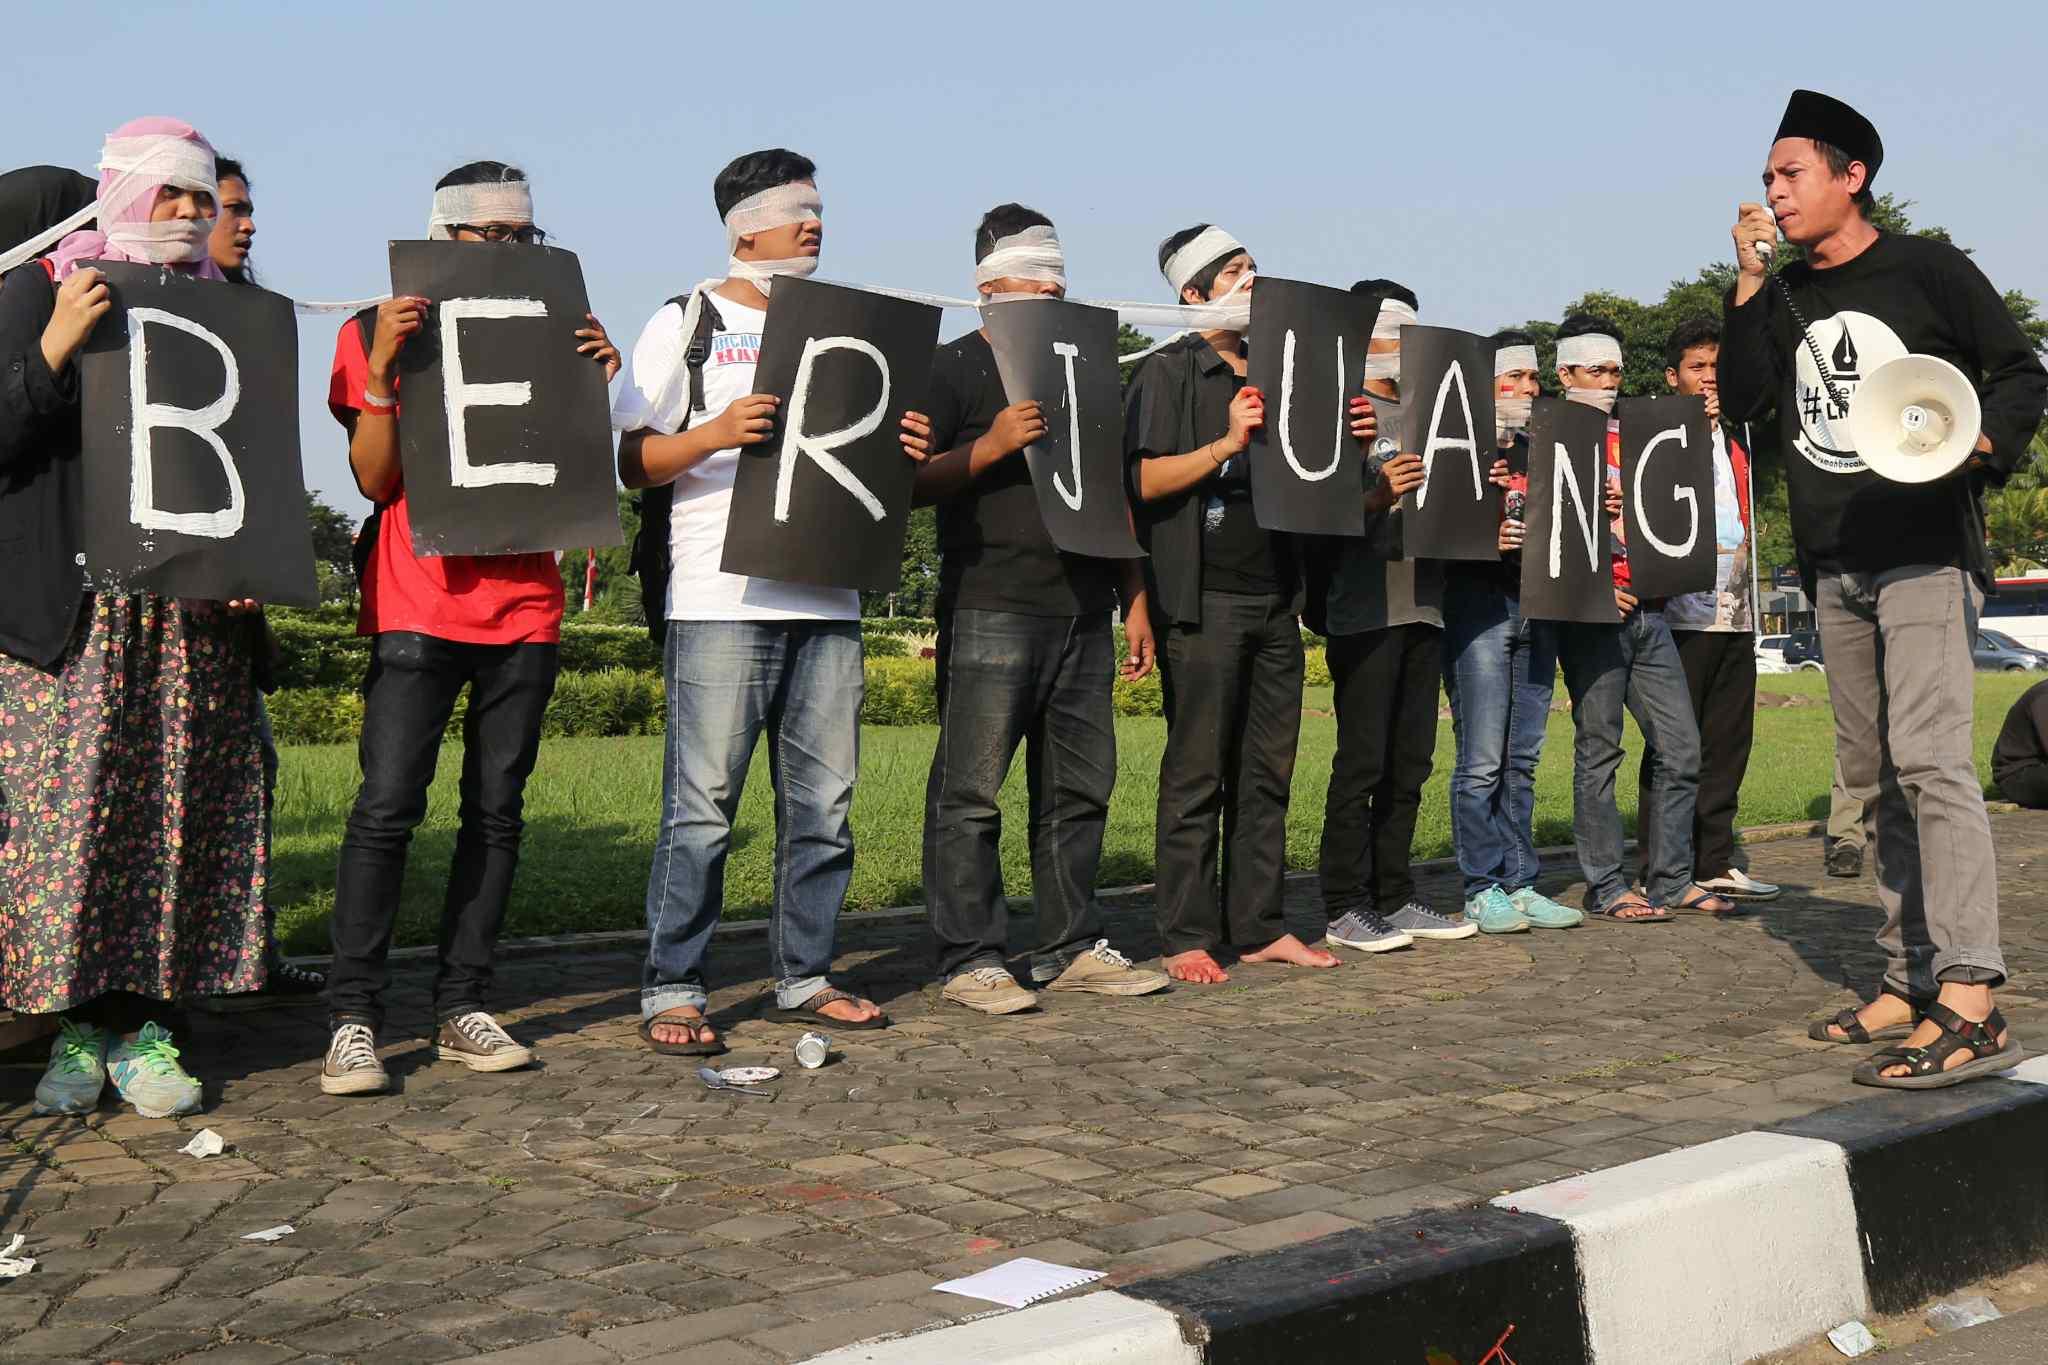 Sejumlah peserta Sekolah Hak Asasi Manusia untuk Mahasiswa (SeHAMA) angkatan 8 dari Komisi untuk Orang Hilang dan Korban Tindak Kekerasan (KontraS) melakukan aksi di Tugu Tani, Jakarta, Sabtu (20/8). Aksi yang digelar sebagai refleksi 71 tahun kemerdekaan RI tersebut merupakan bentuk kepedulian dan perjuangan menuntut penyelesaian kasus pelanggaran hak asasi manusia yang terjadi di masa lalu hingga hari ini. AKTUAL/TINO OKTAVIANO